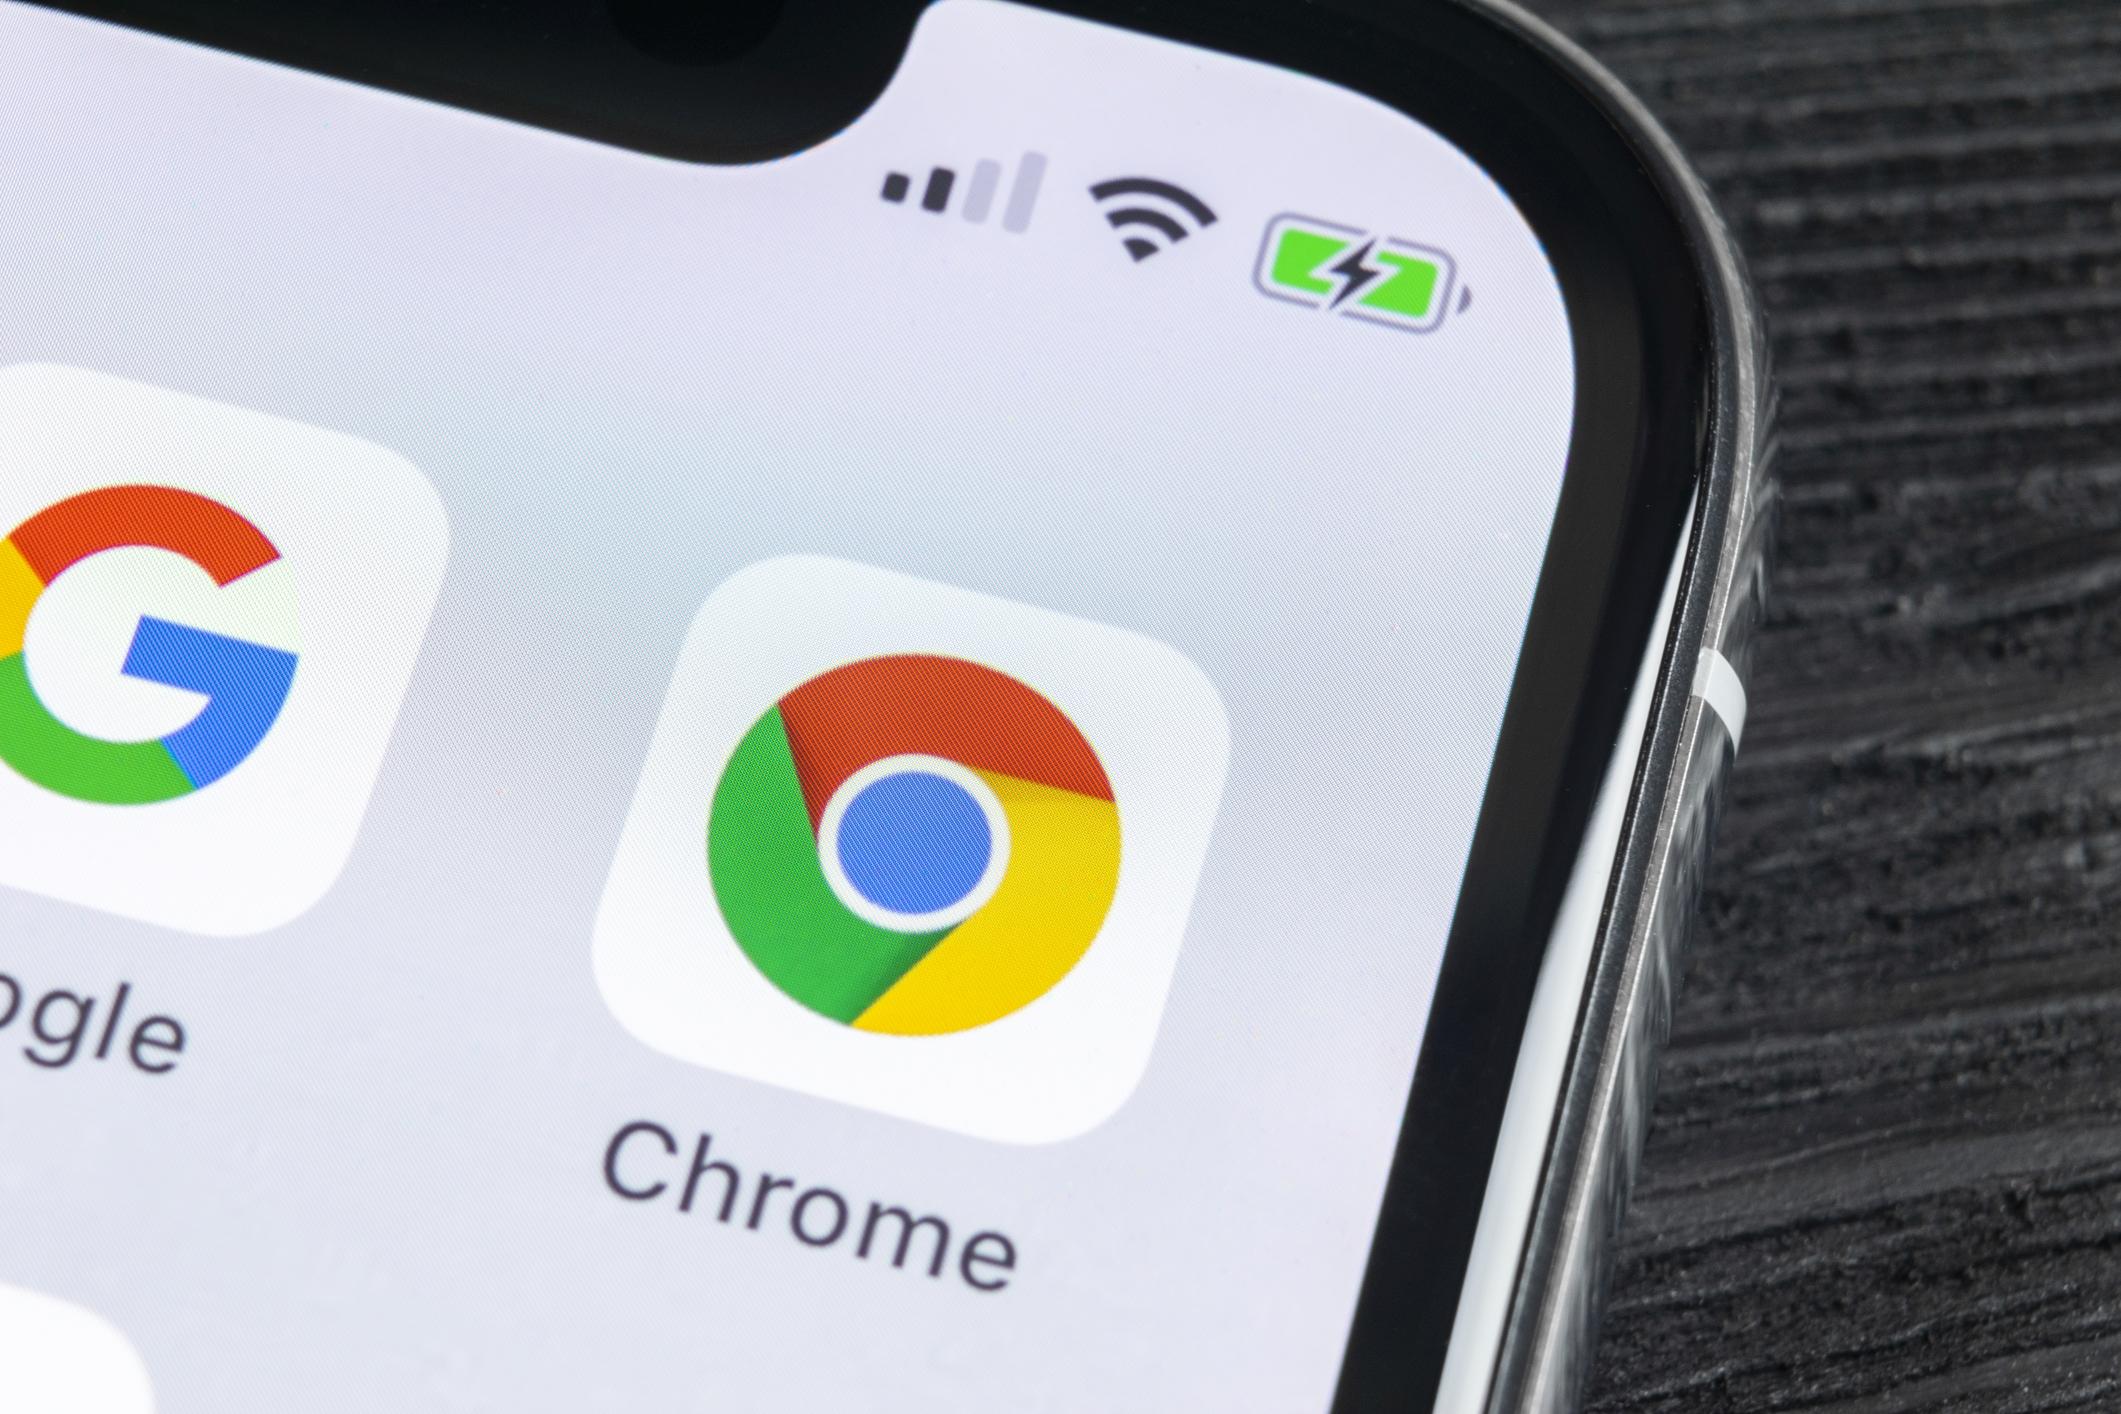 Werden Chrome-Nutzer bald die volle Werbung sehen?